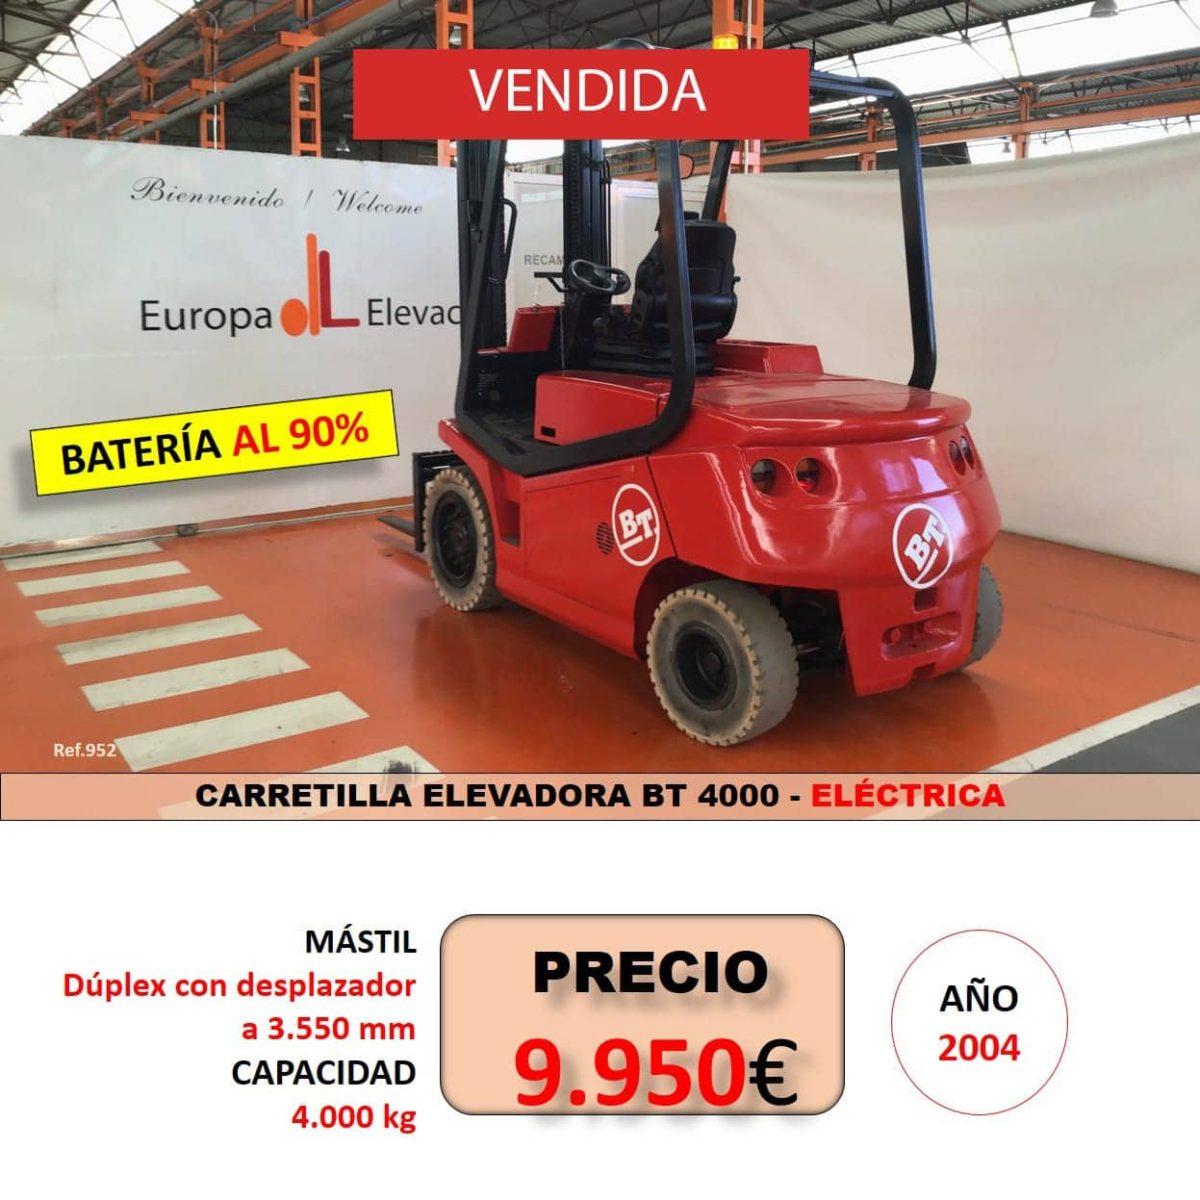 BT CARRETILLA ELEVADORA EUROPA ELEVACION VENDIDA